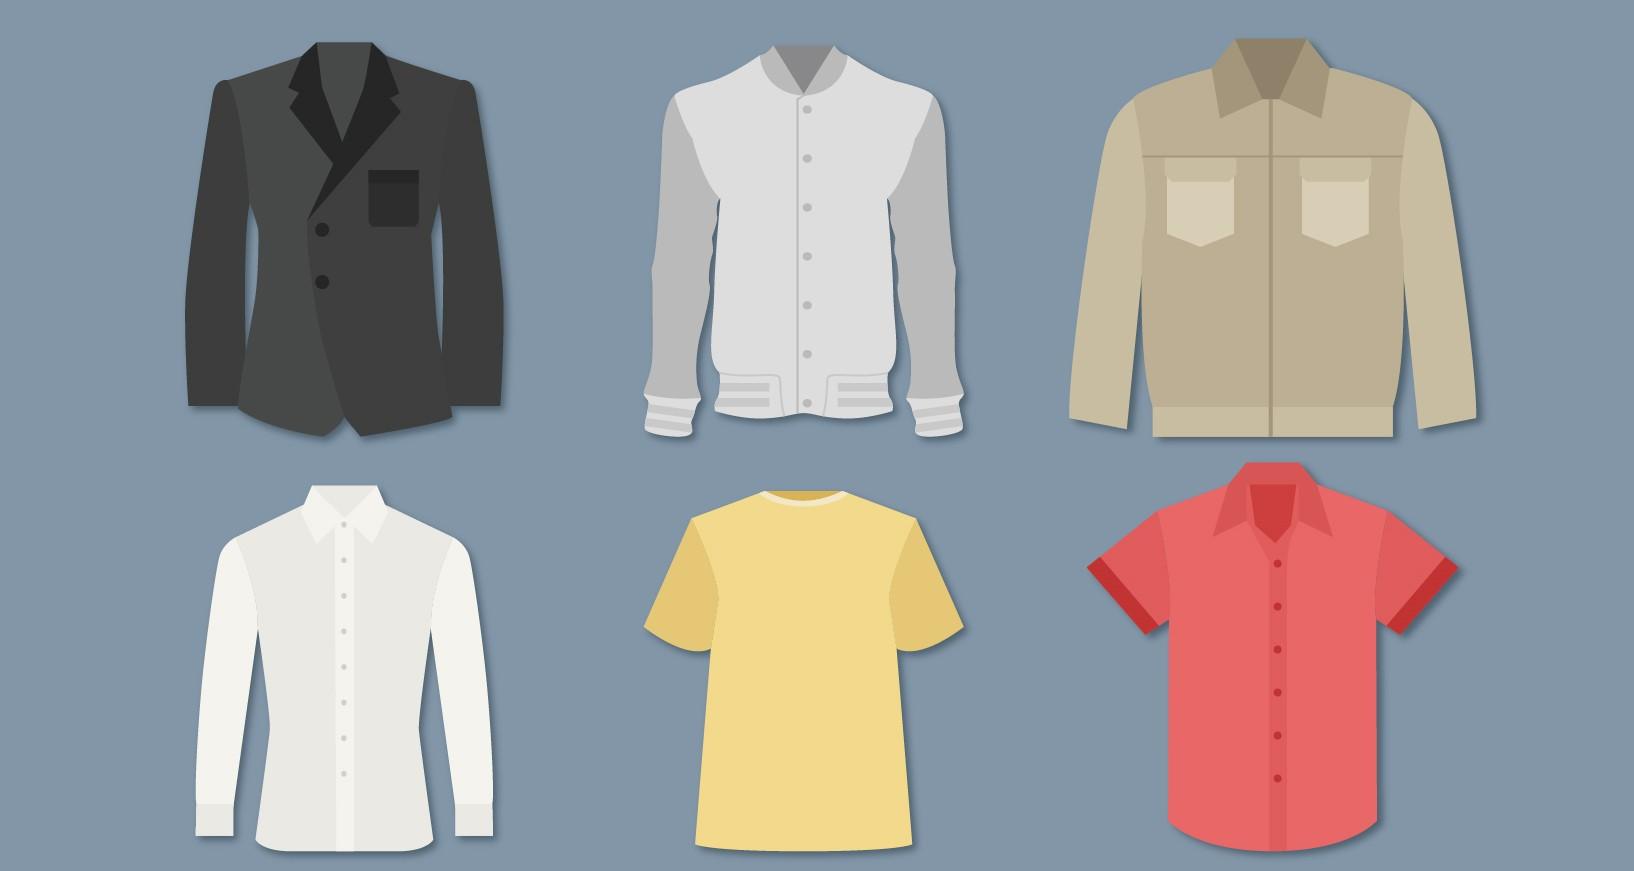 25553NVP4N7 - Férias: 7 segredos da mala pequena (e fashion!) de verão